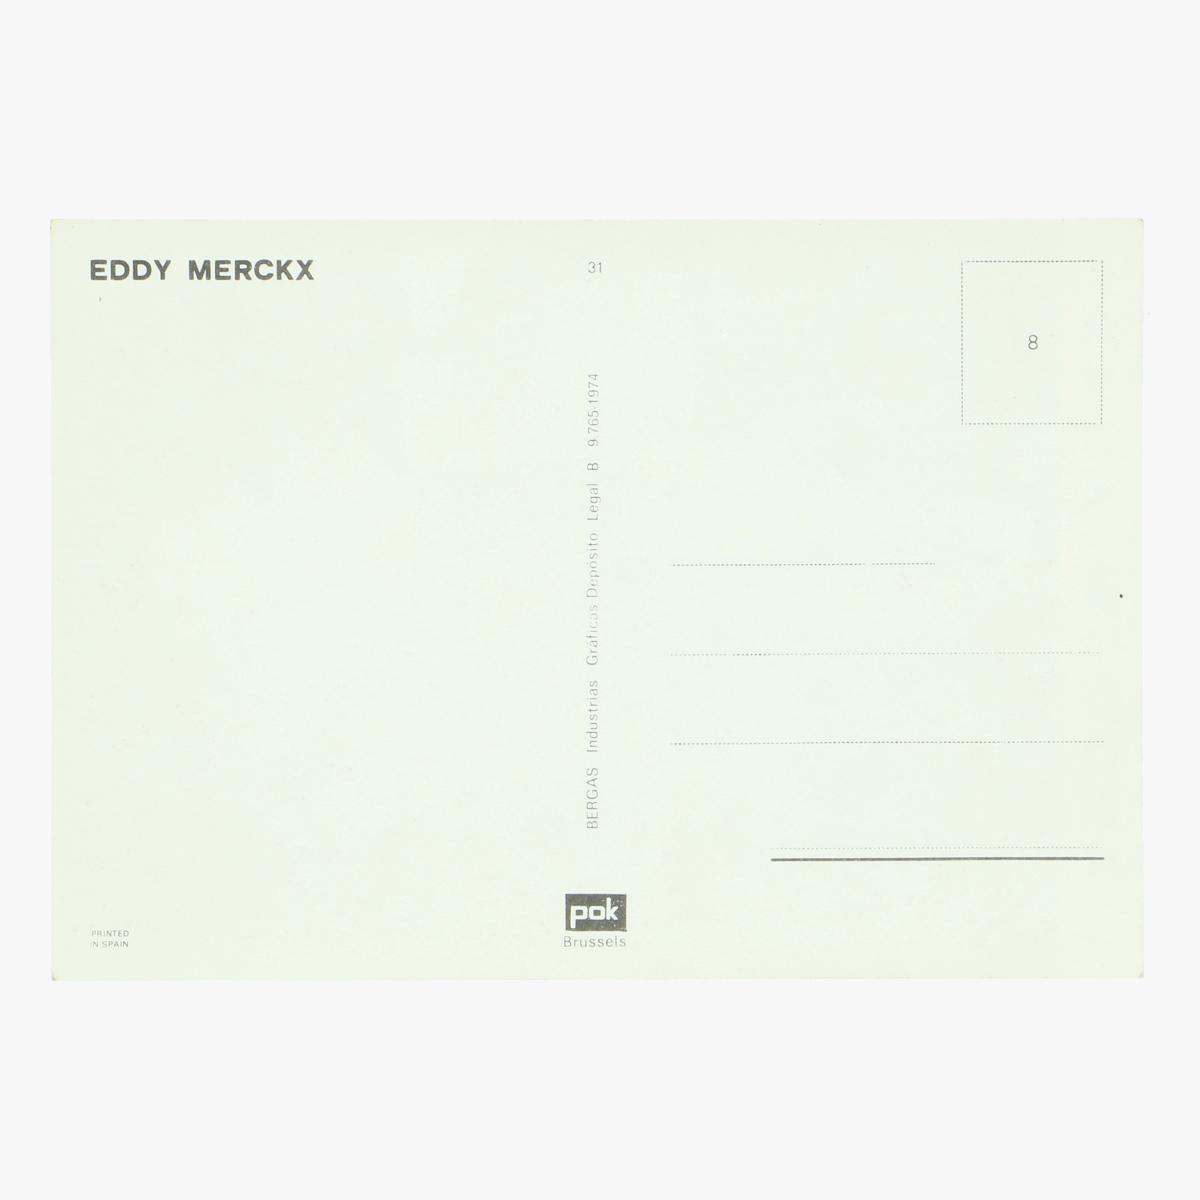 Afbeeldingen van oude postkaart eddy merckx